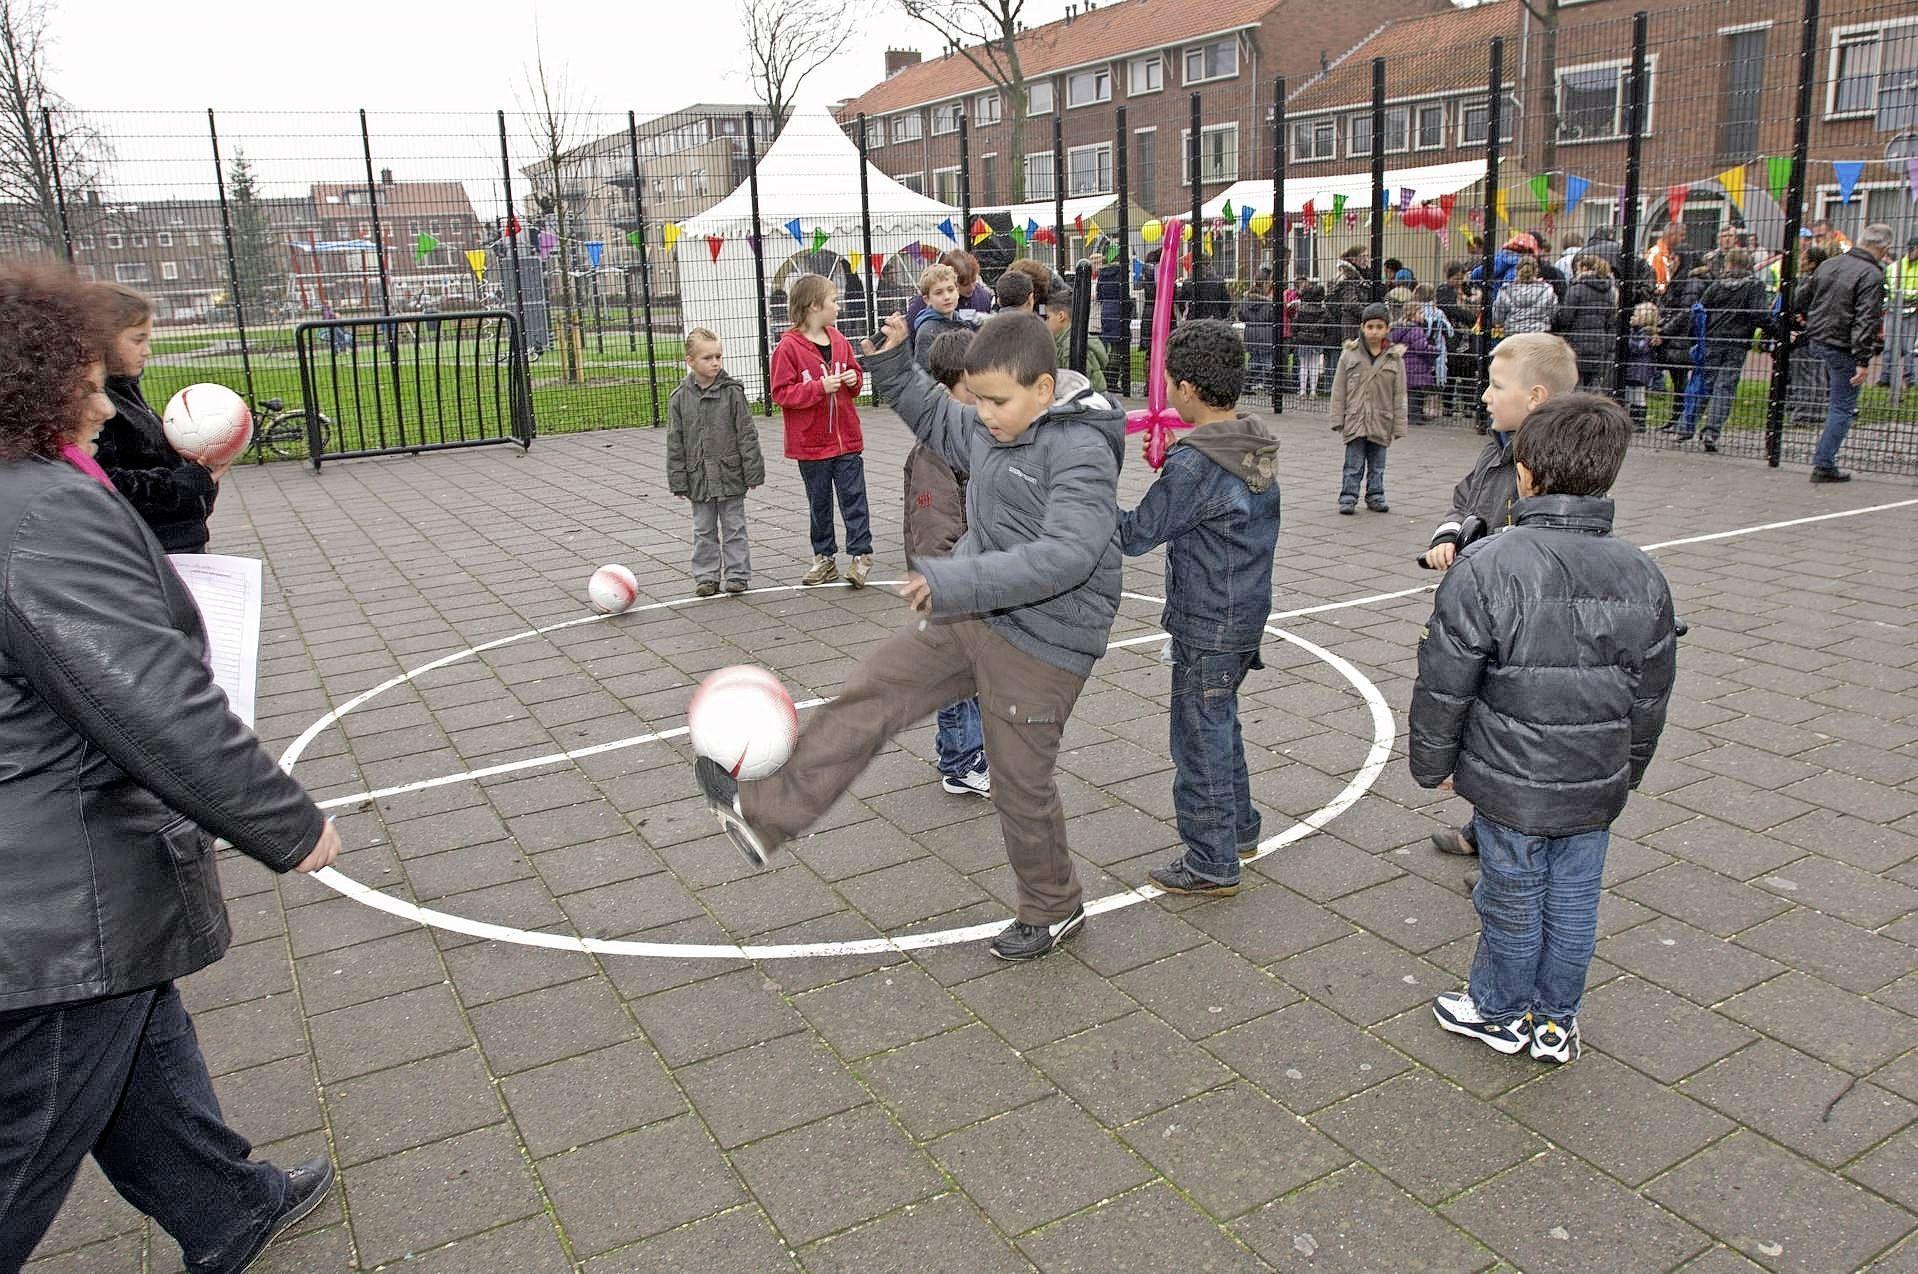 Velsen-Noord krijgt voetbalveld van oude chipszakjes, gemeente vindt bewegen belangrijker dan aanwezigheid reclame chipsfabrikant